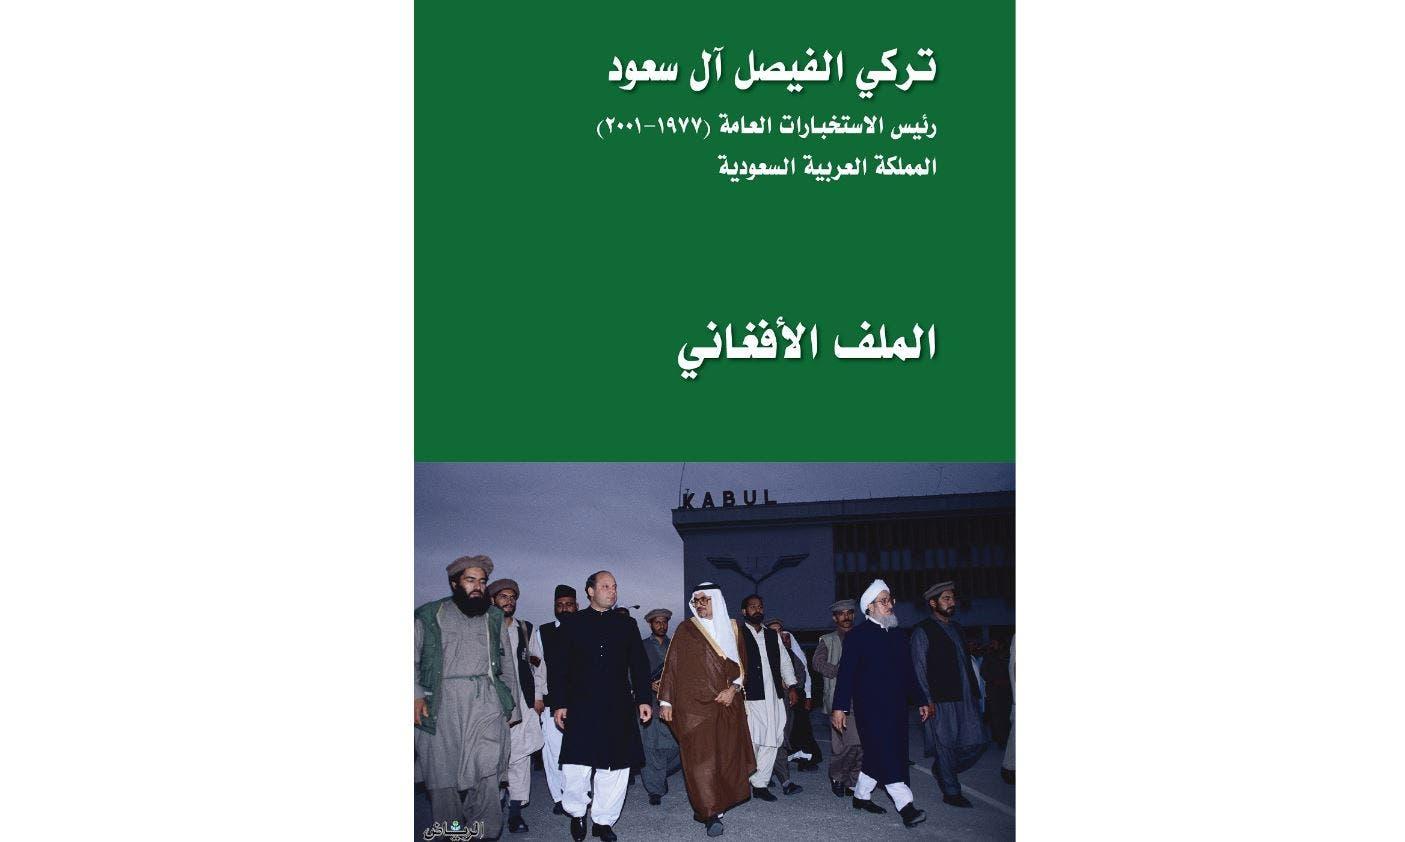 كتاب الملف الأفغاني